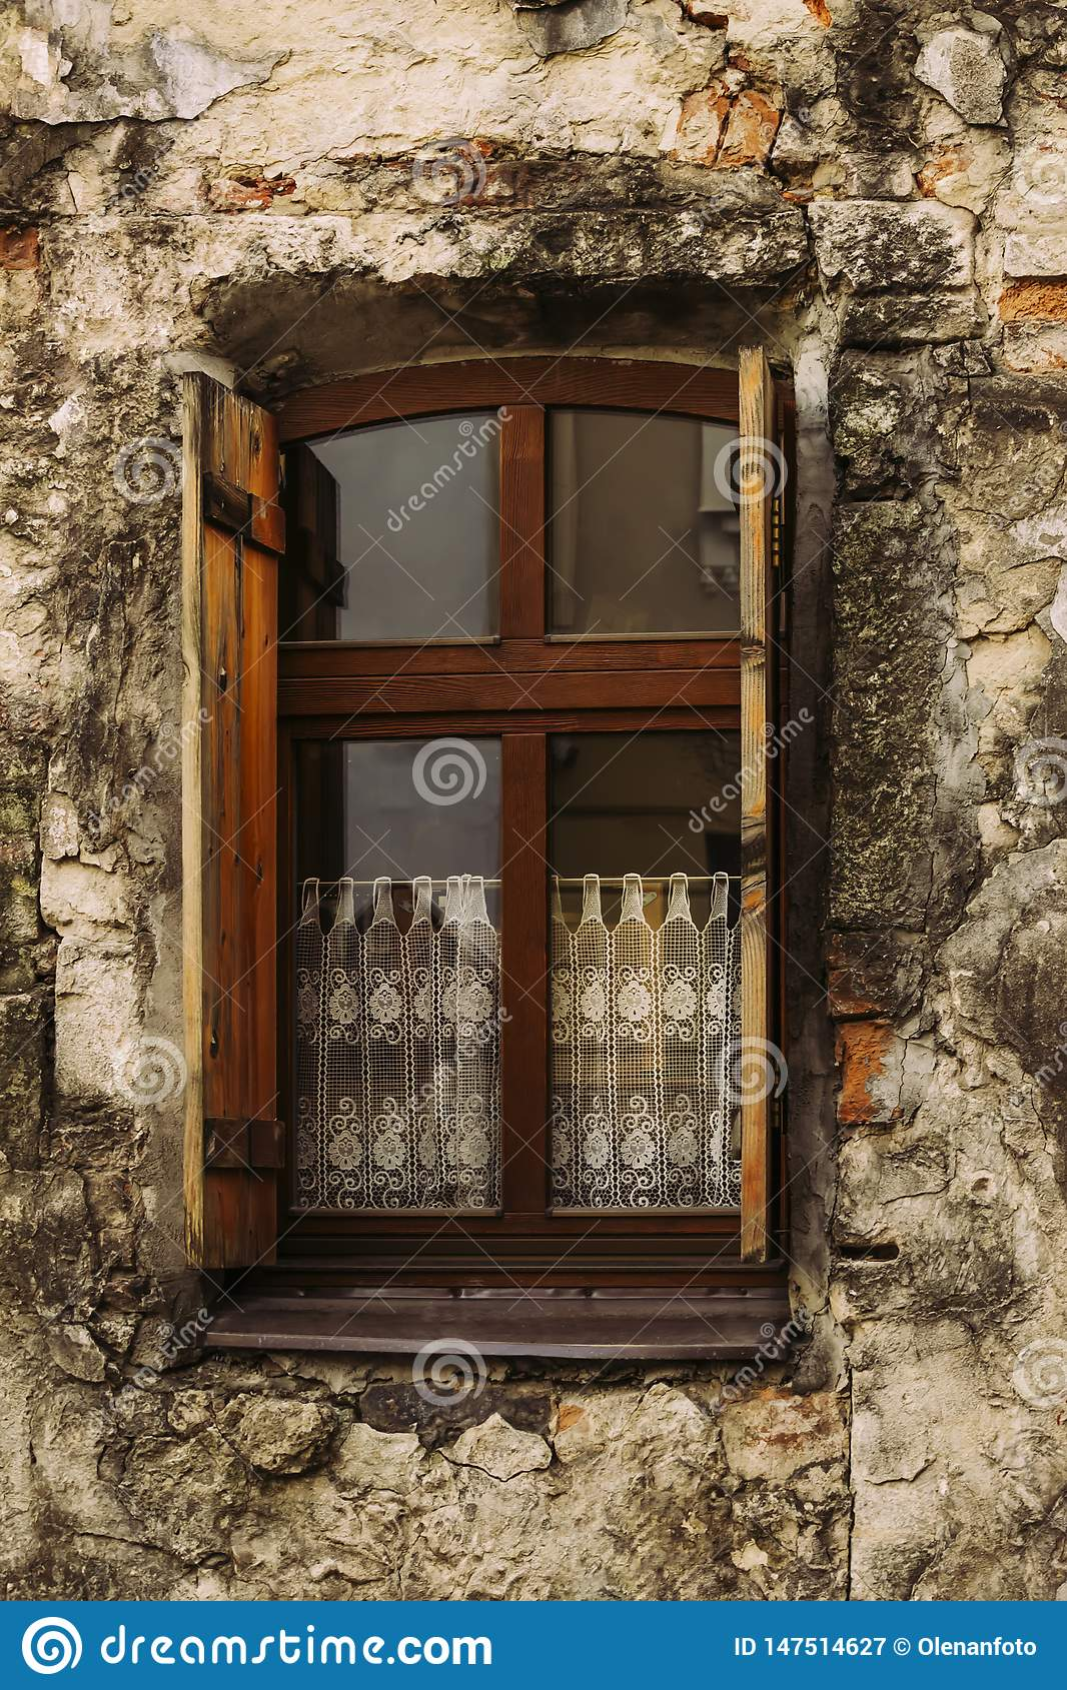 Une vieille fenêtre avec les volets ouverts dans une vieille maison